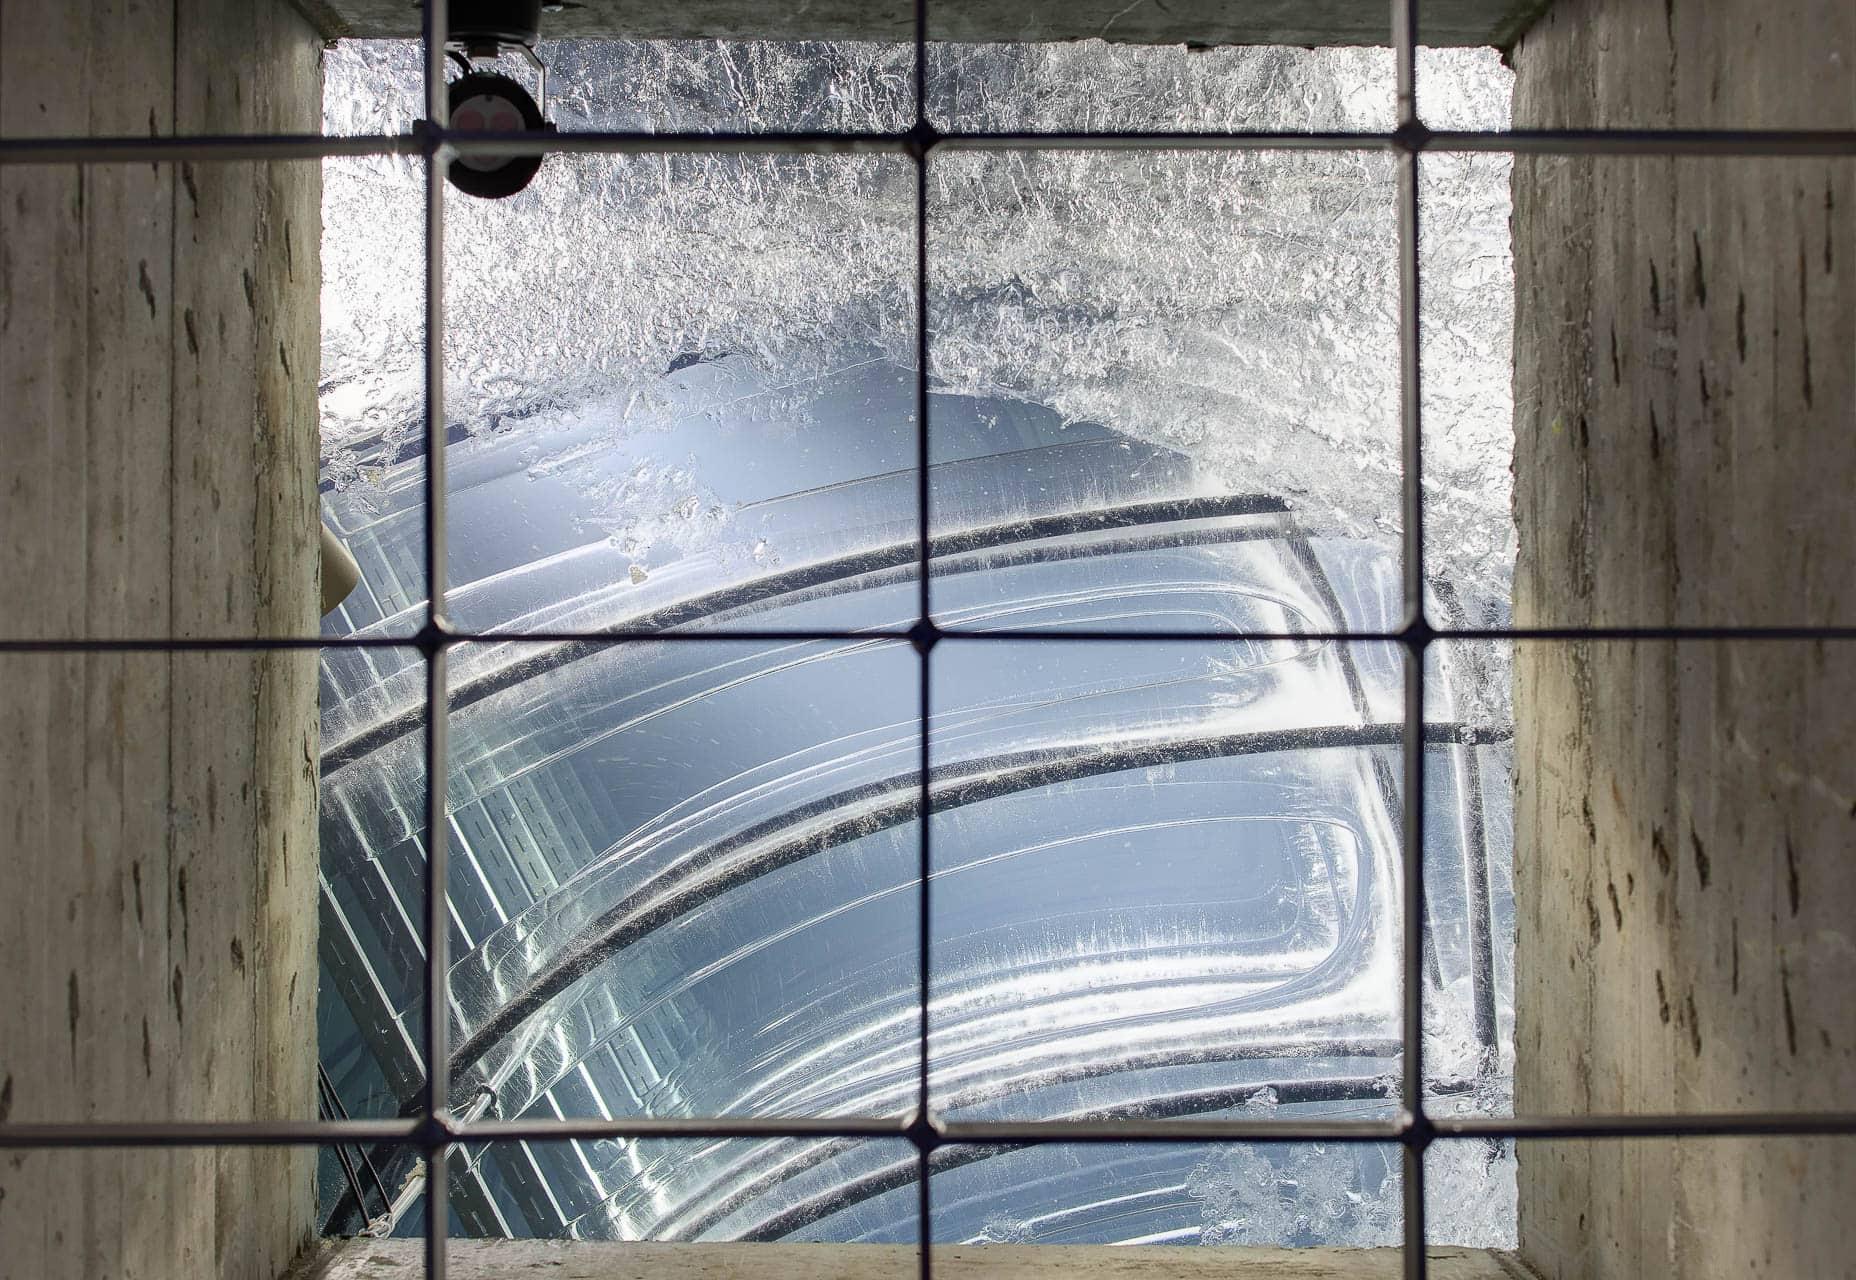 sehr guter Architekturfotograf Raum Stuttgart, stimmungsvolle Detailaufnahme Eisspeicher, innovative Energietechnik